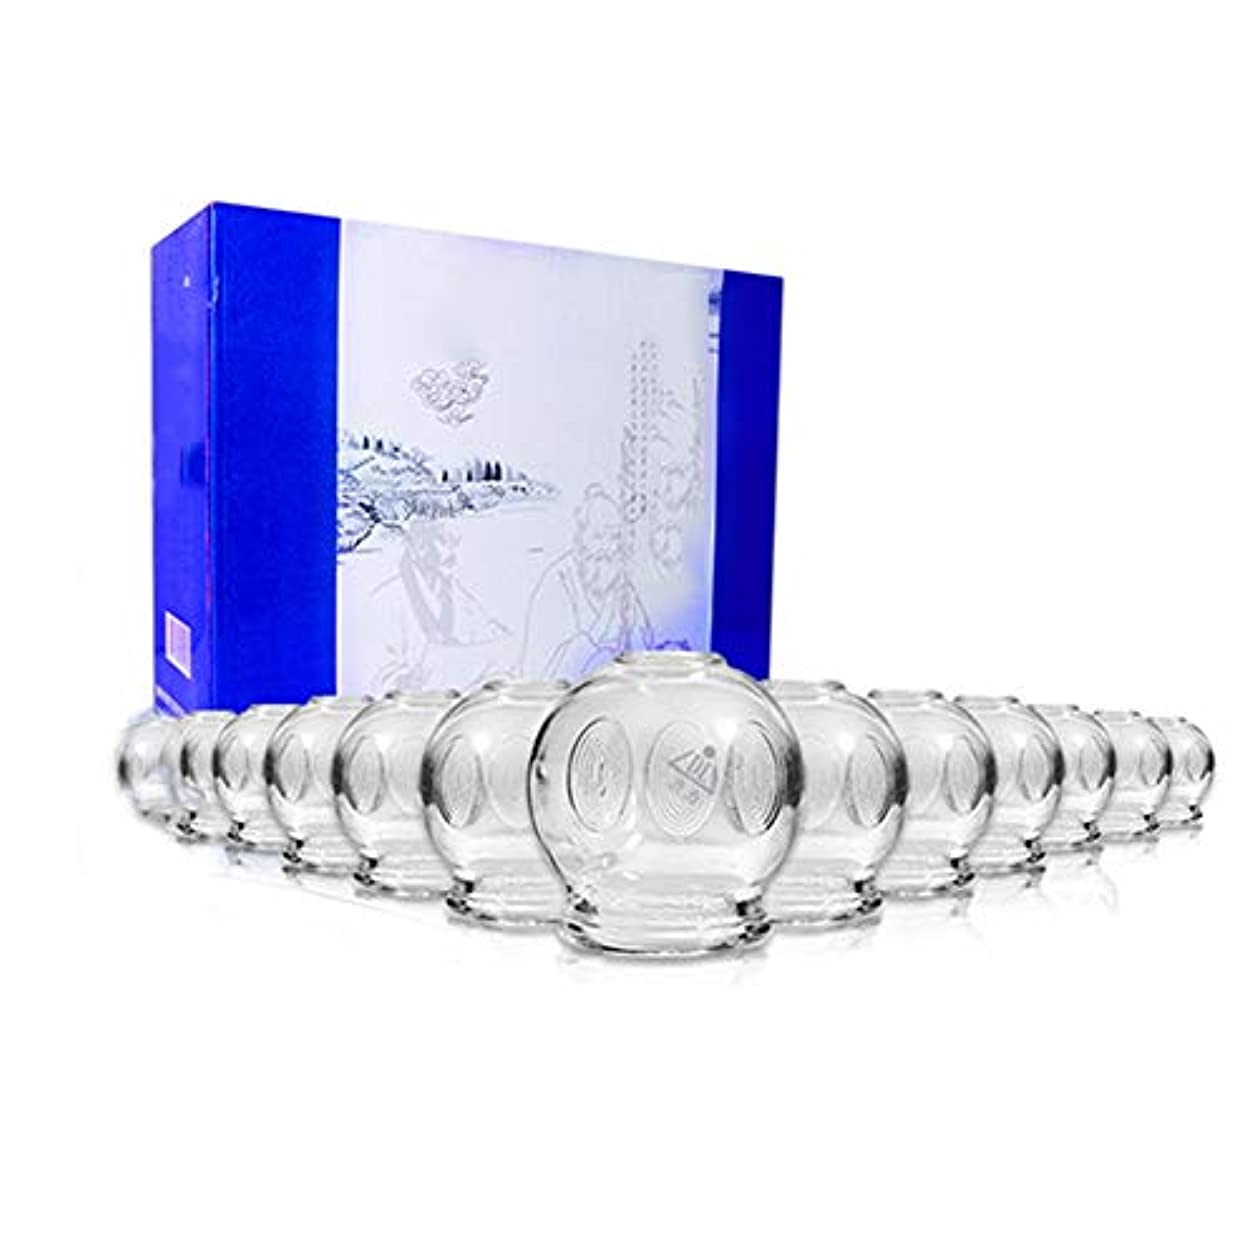 美人シンジケート妥協カッピングで吸引エステガラス製カッピングセット真空カッピング16缶厚くて耐久性があり、家庭で筋肉疲労を和らげるのに適しています。